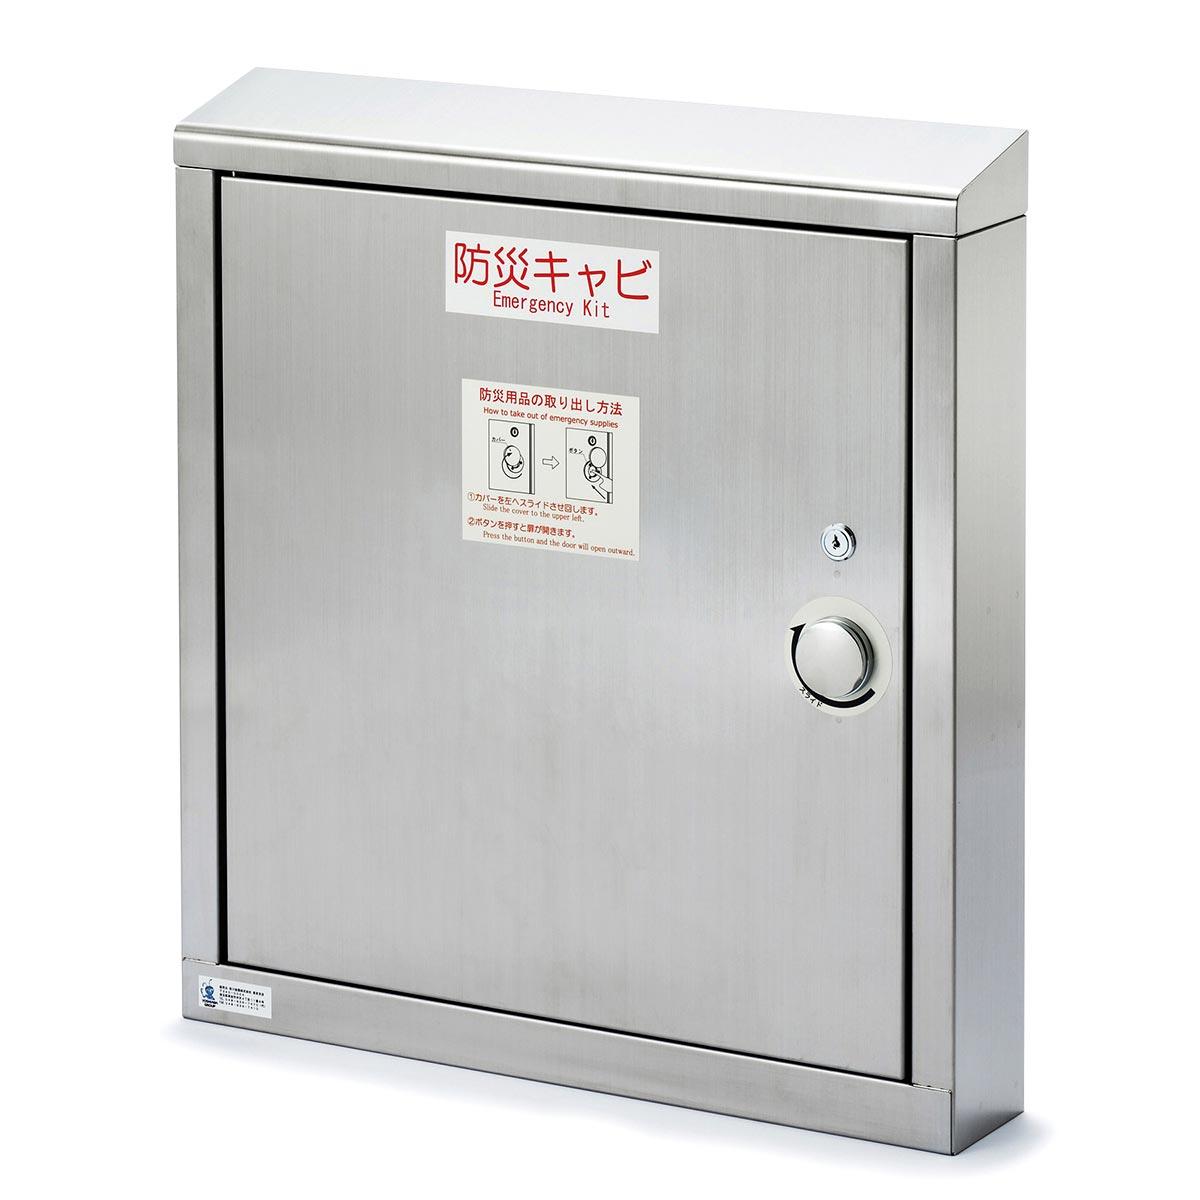 テラモト エレベーター用防災キャビ フラットタイプ 防災用品セット付 OT-961-102-0